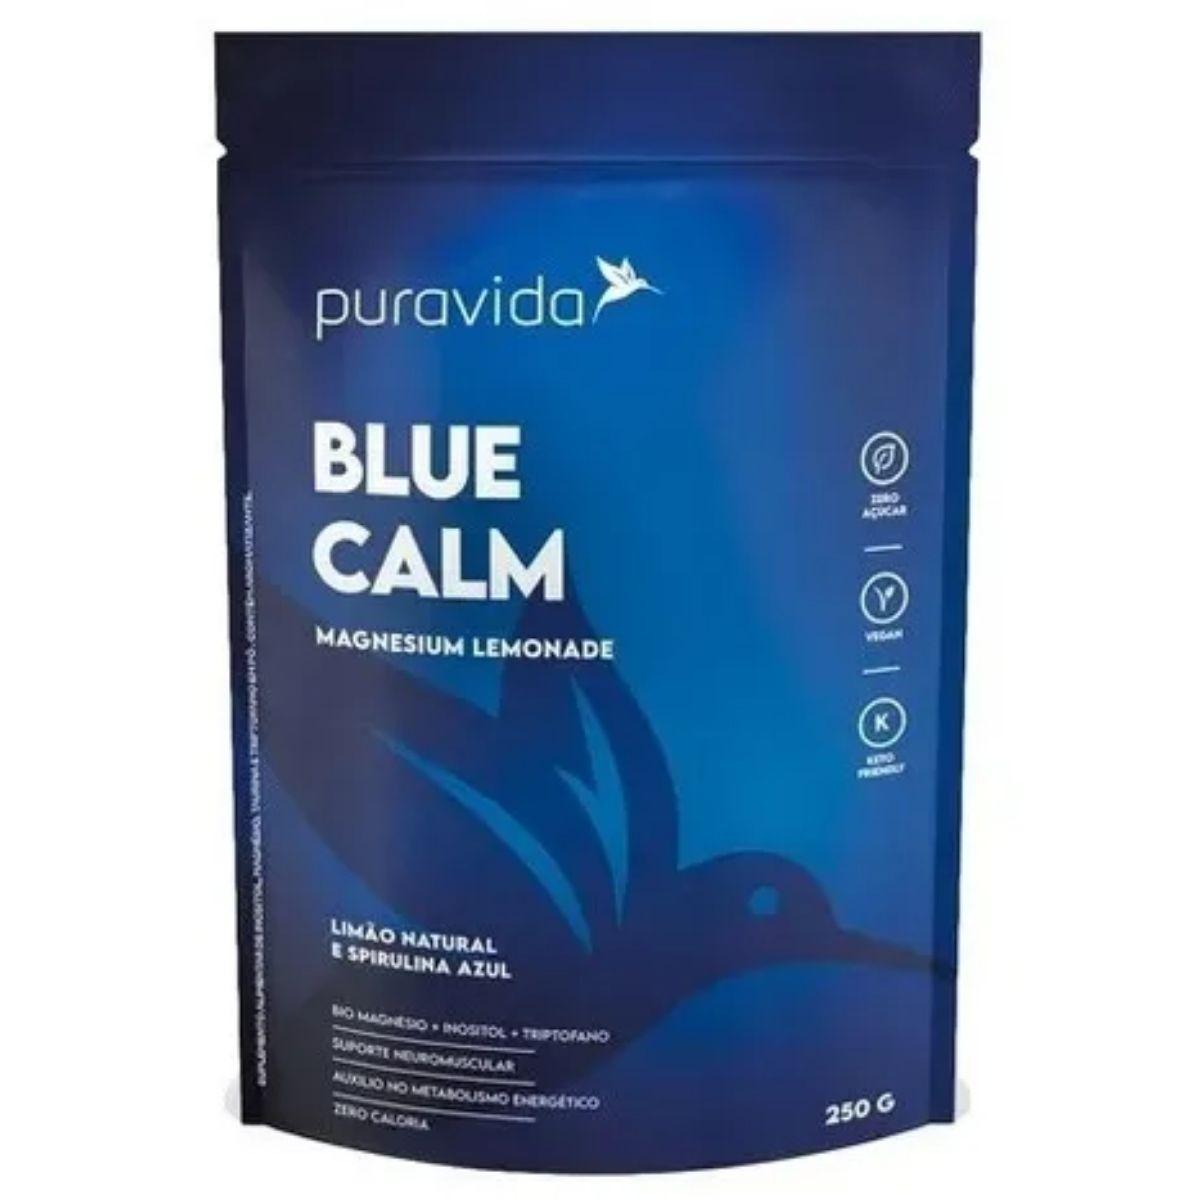 BLUE CALM 250G -  PURAVIDA